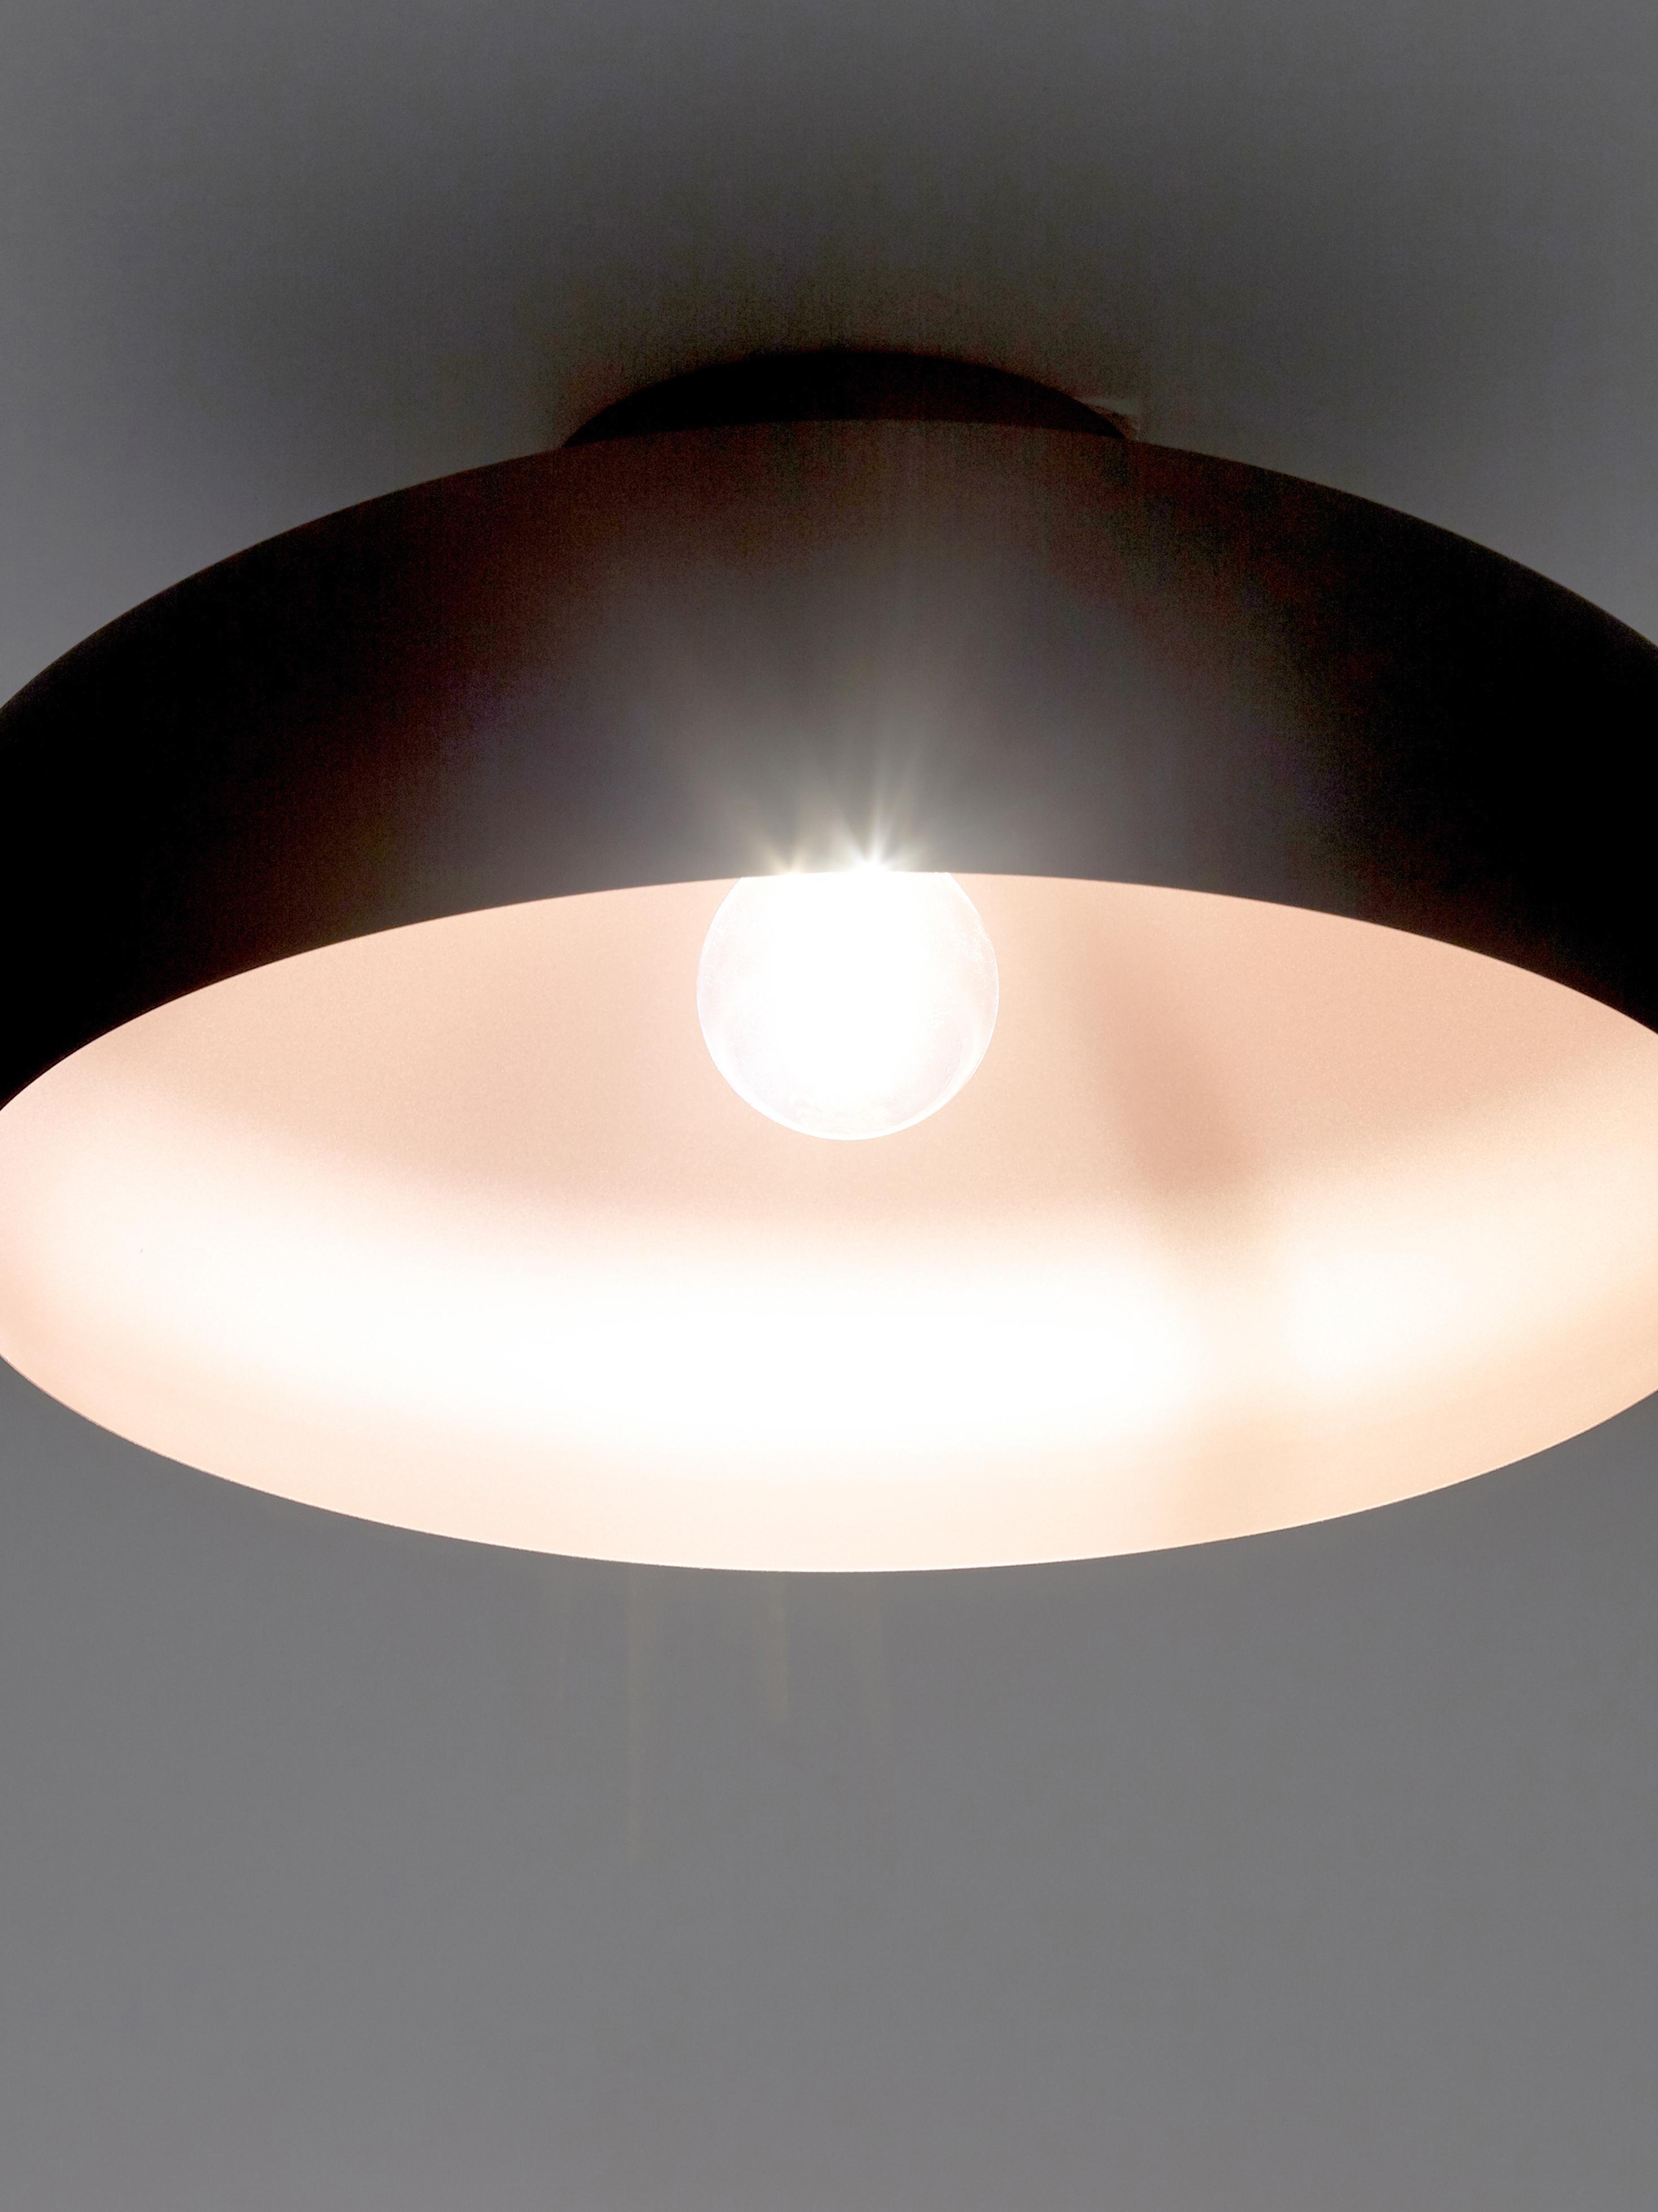 Deckenleuchte Jeff, Baldachin: Metall, pulverbeschichtet, Lampenschirm: Metall, pulverbeschichtet, Baldachin: Schwarz,Kupferfarben, ∅ 40 x H 17 cm